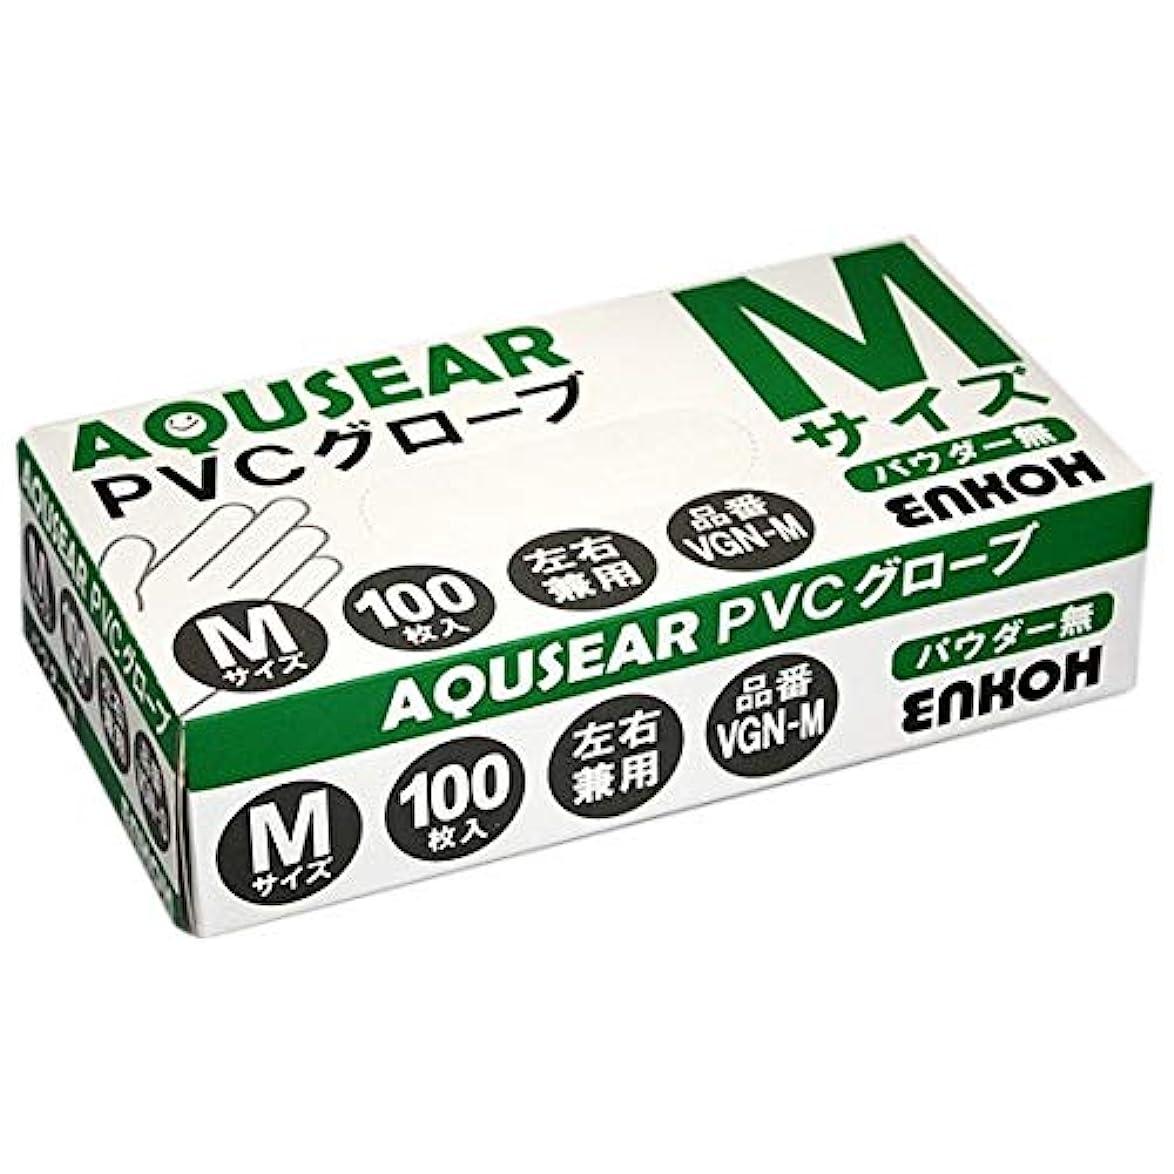 ドア着飾る激怒AQUSEAR PVC プラスチックグローブ Mサイズ パウダー無 VGN-M 100枚×20箱